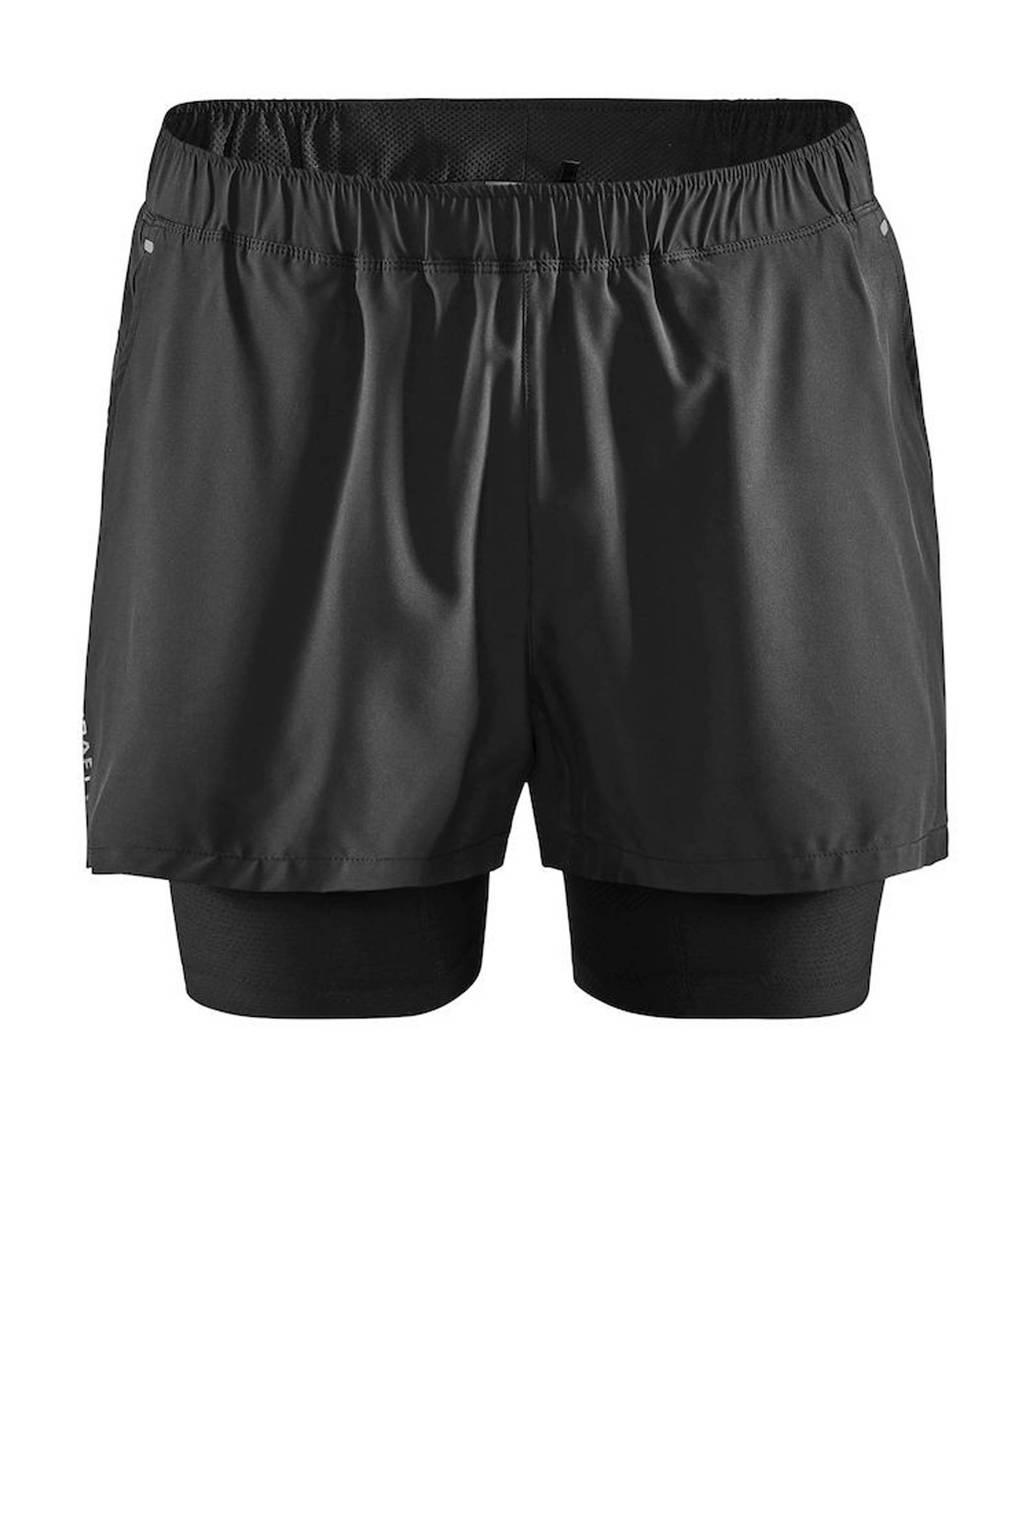 Craft   2-in-1 sportshort zwart, Zwart